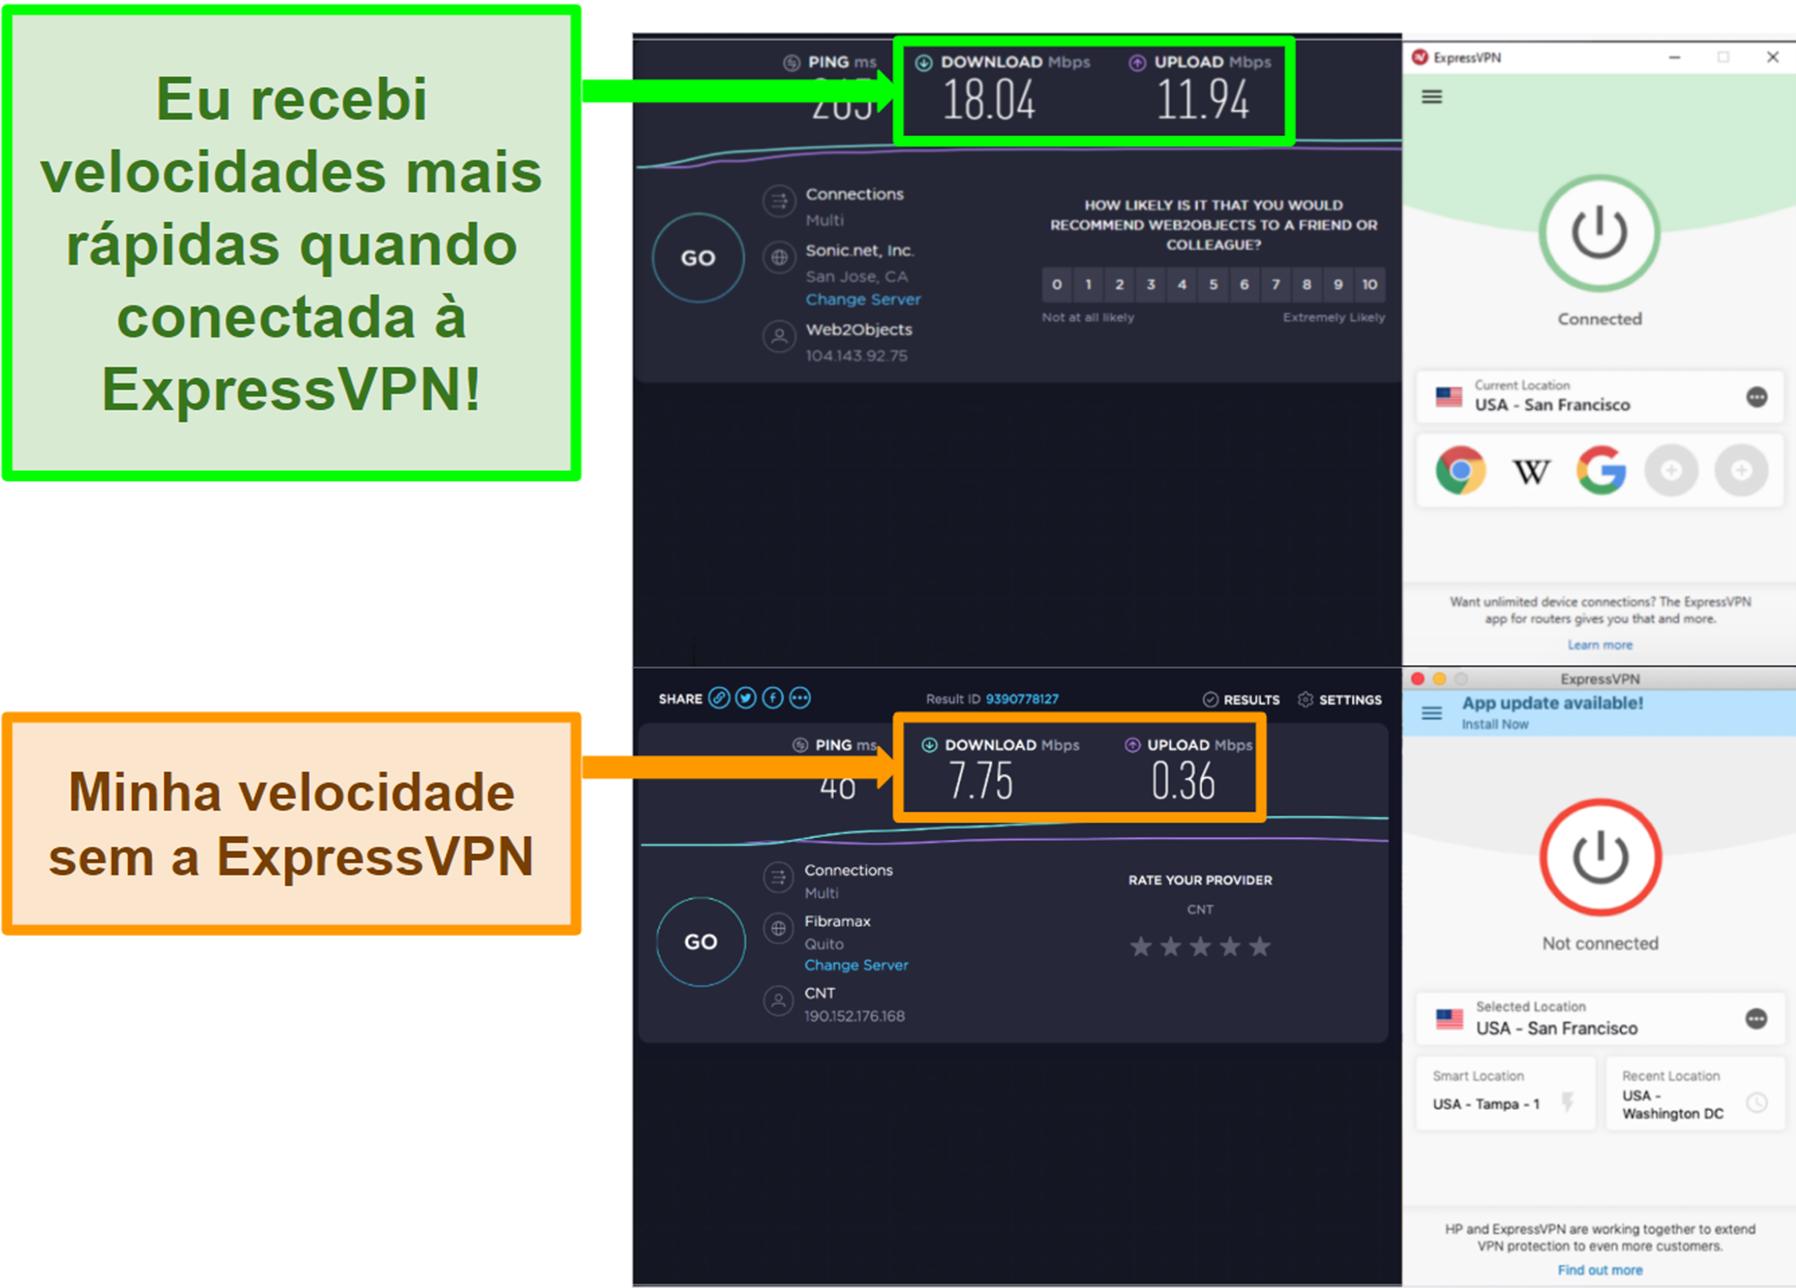 O ExpressVPN melhorou minha velocidade quando conectado a um servidor nos EUA